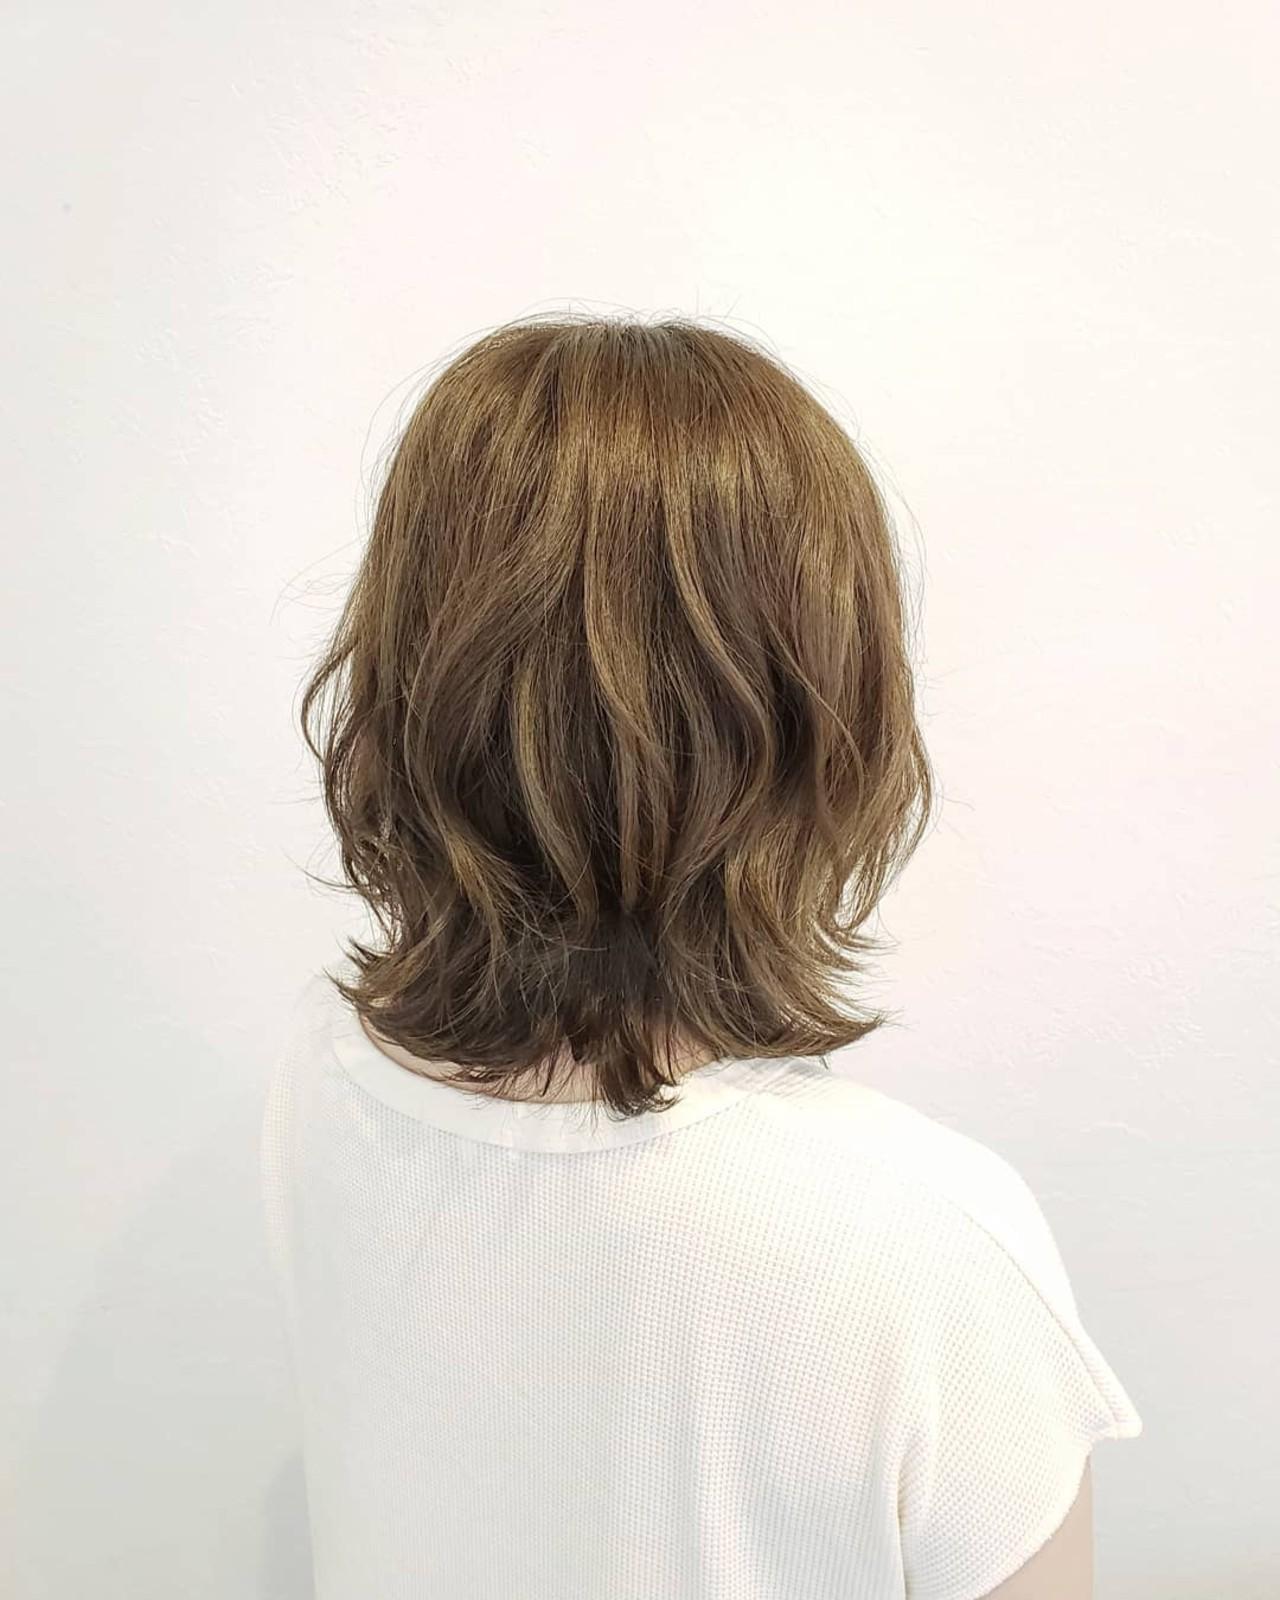 デート ハイライト ベージュ ミディアムヘアスタイルや髪型の写真・画像